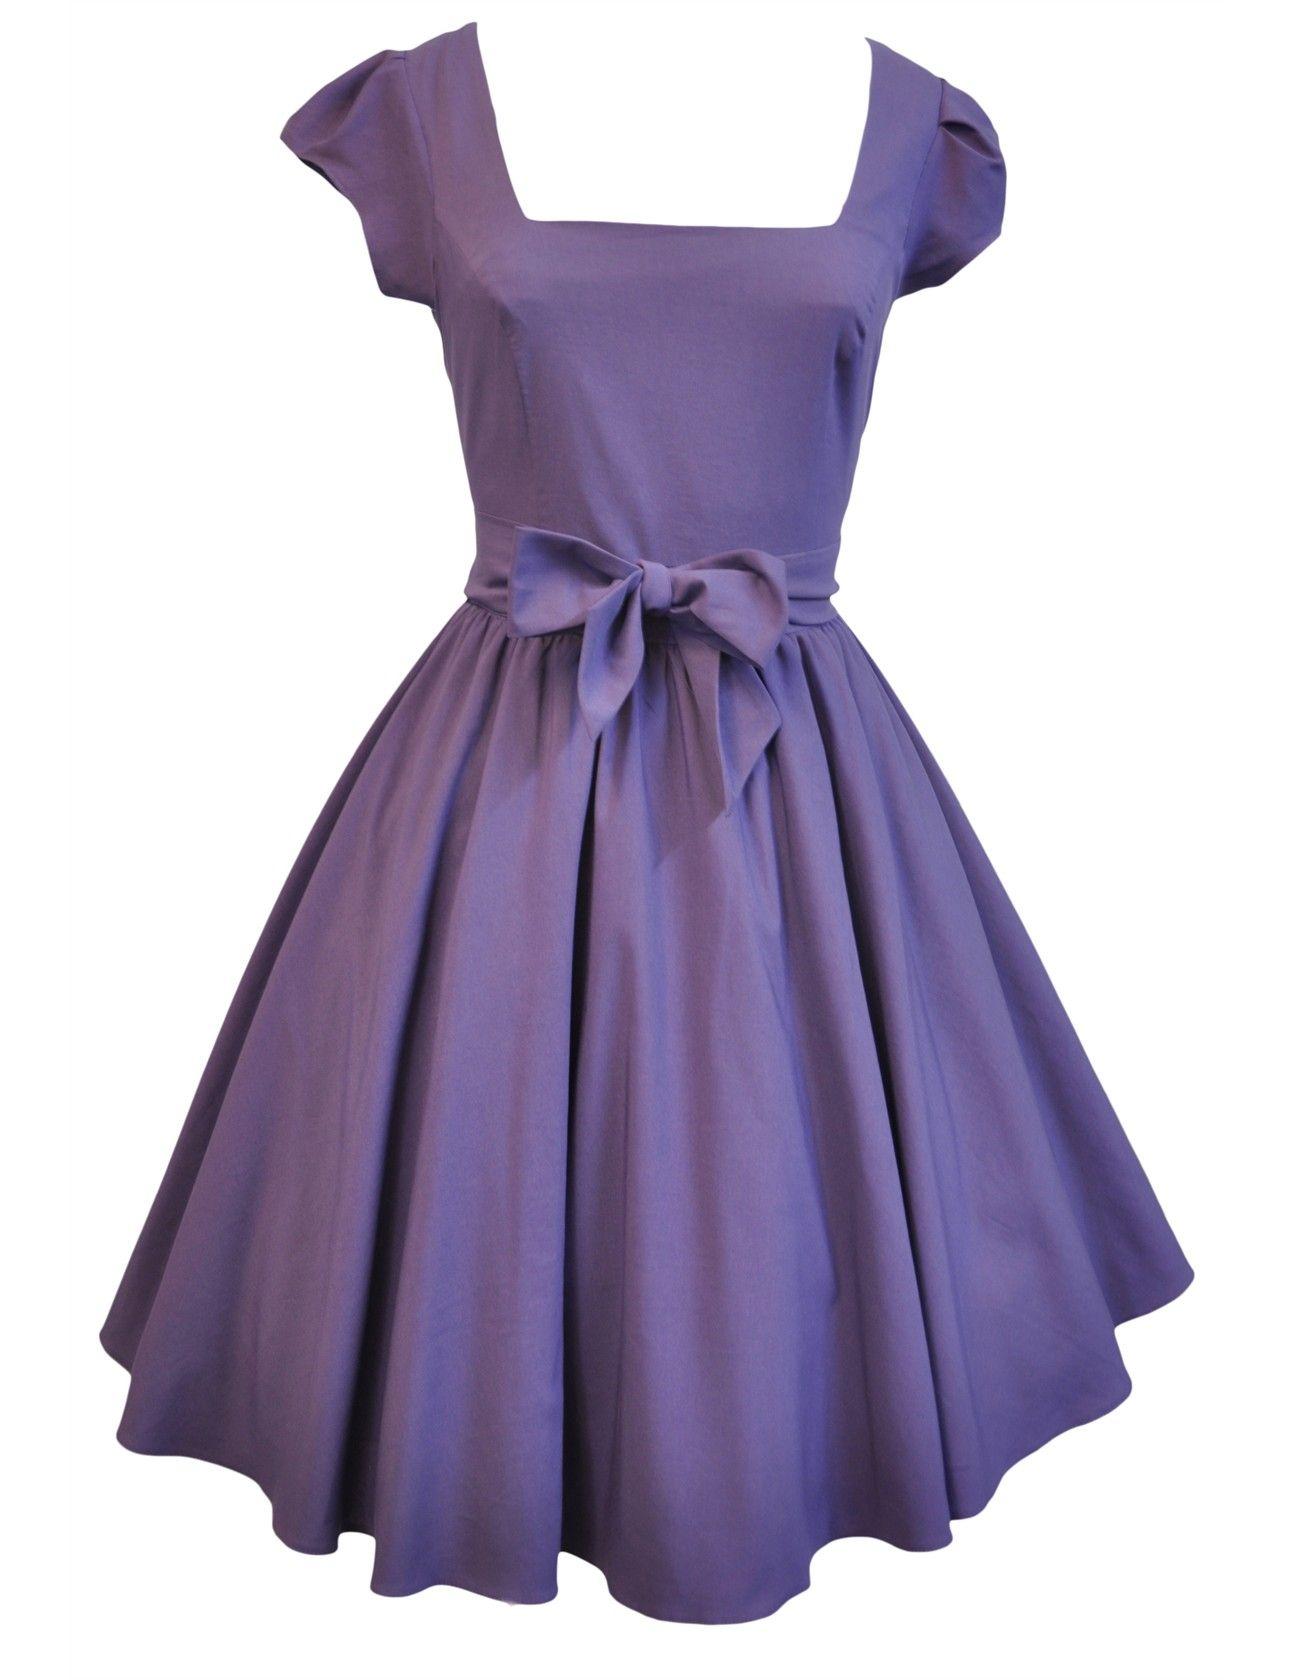 Lady V London Purple Swing Dress Dresses Swing Dress Vintage Swing Dress [ 1680 x 1300 Pixel ]